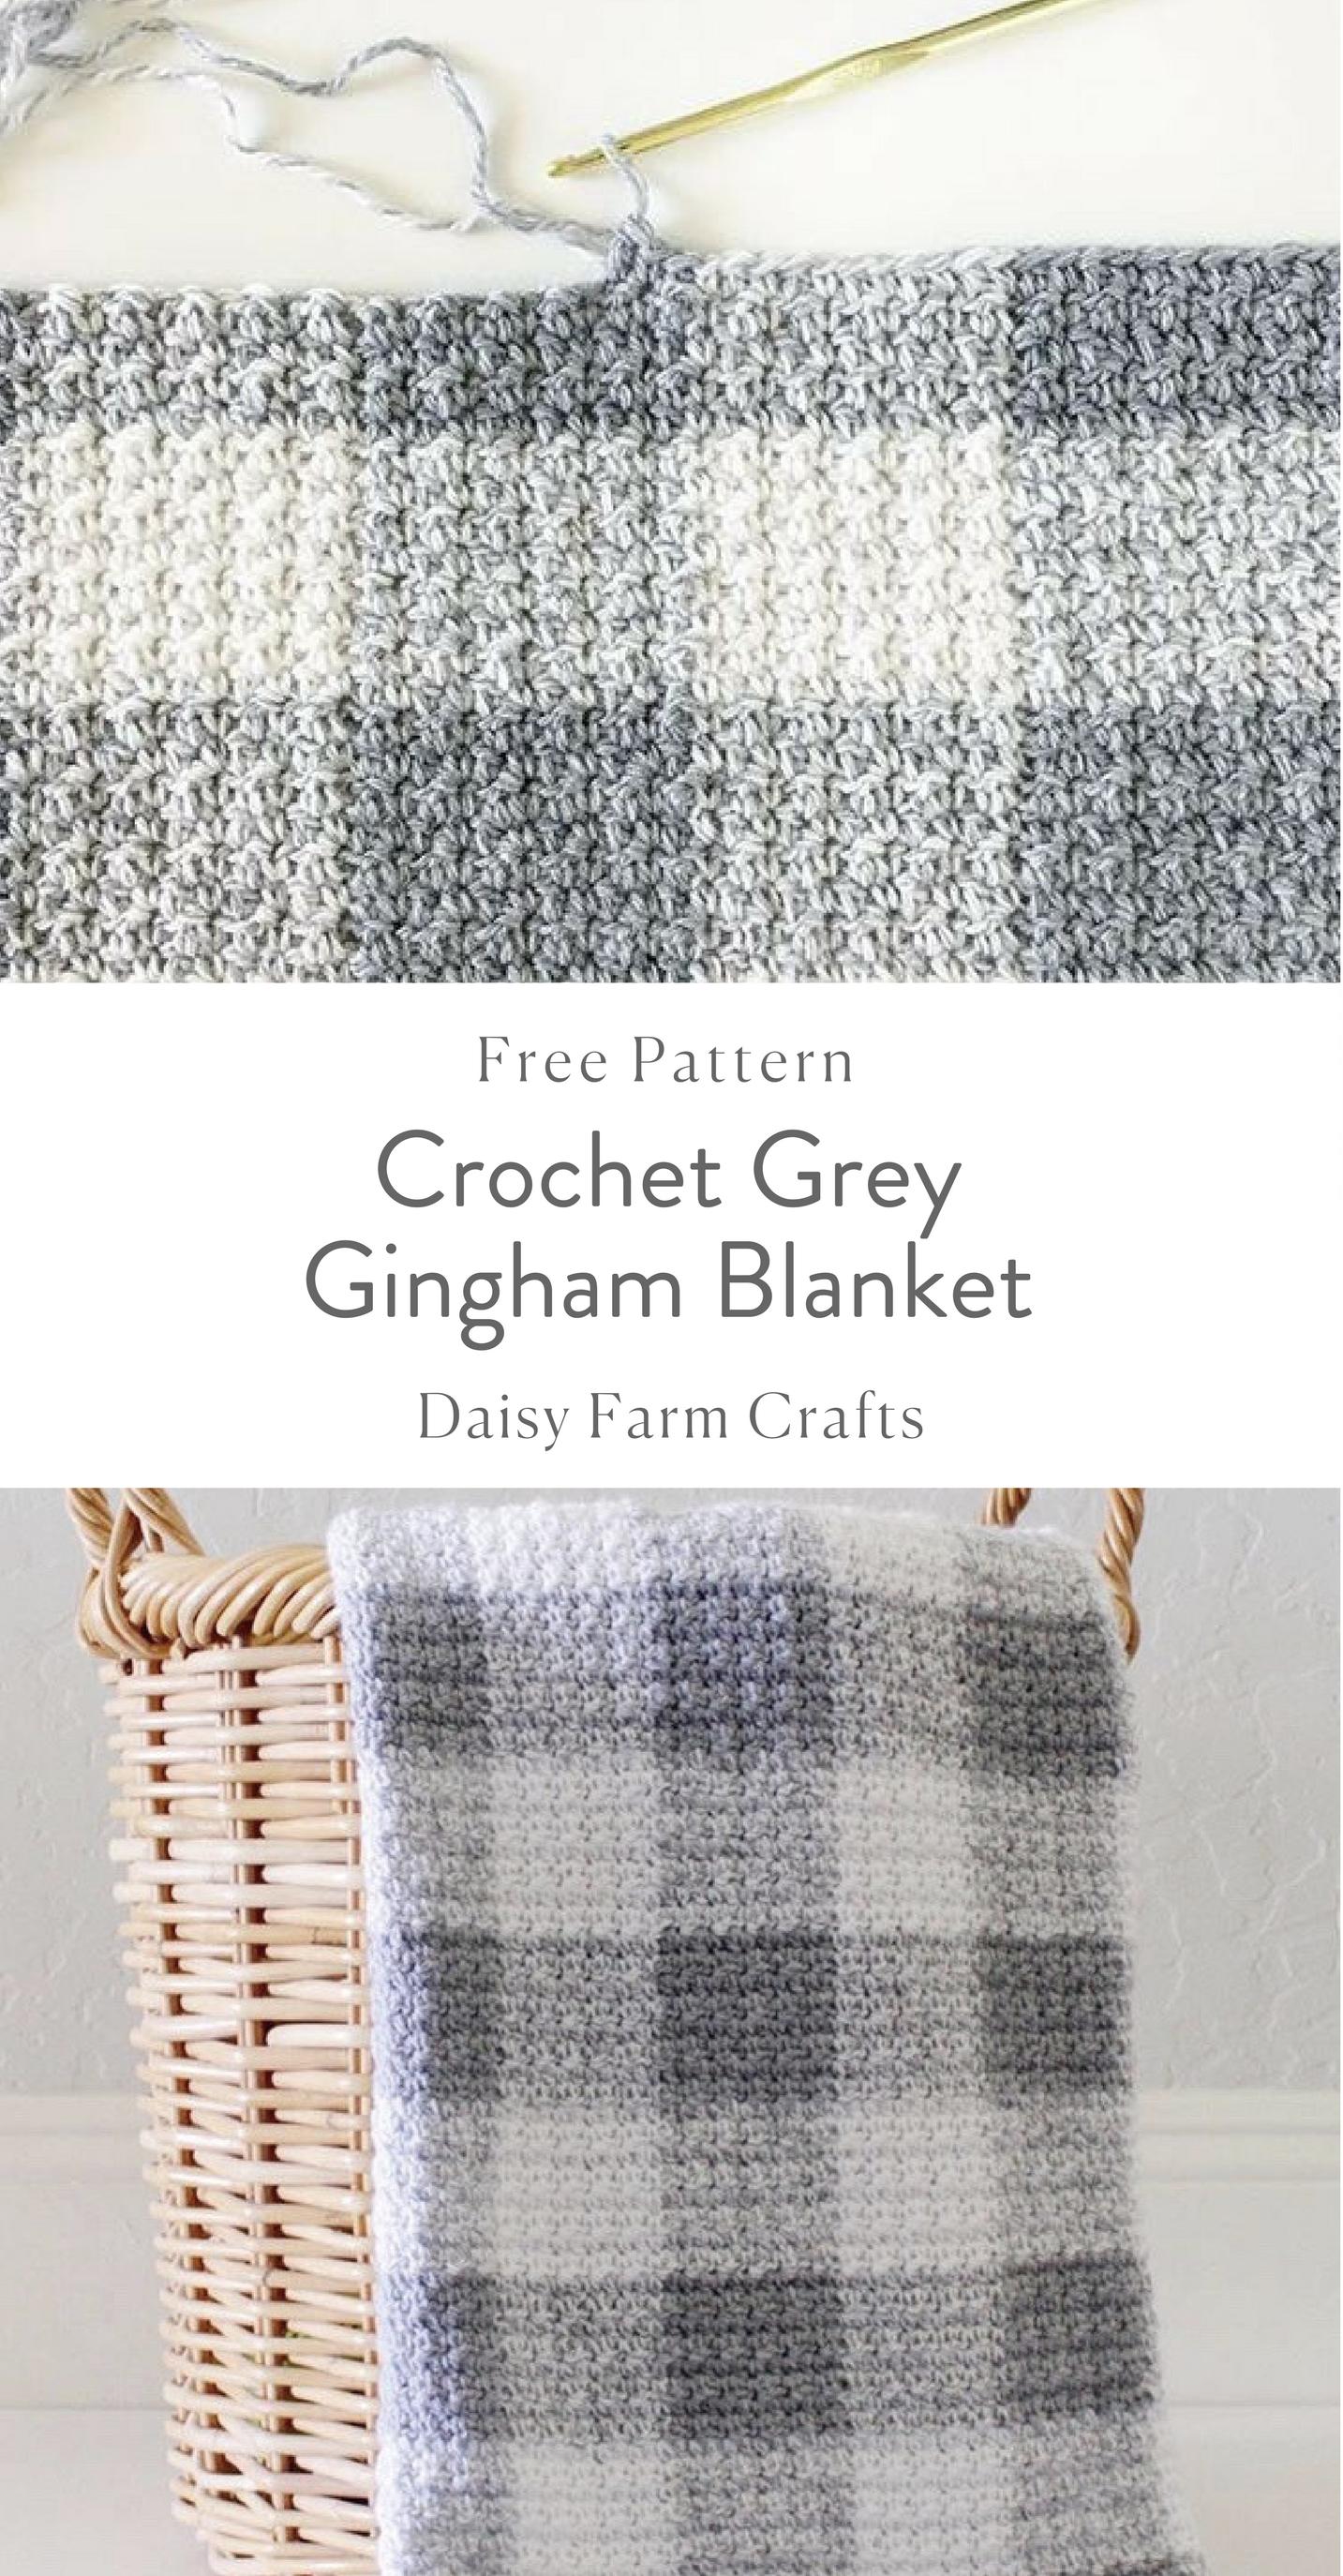 Crochet Grey Gingham Blanket - Free Pattern   Daisy Farm Crafts ... cb7dd618e0f